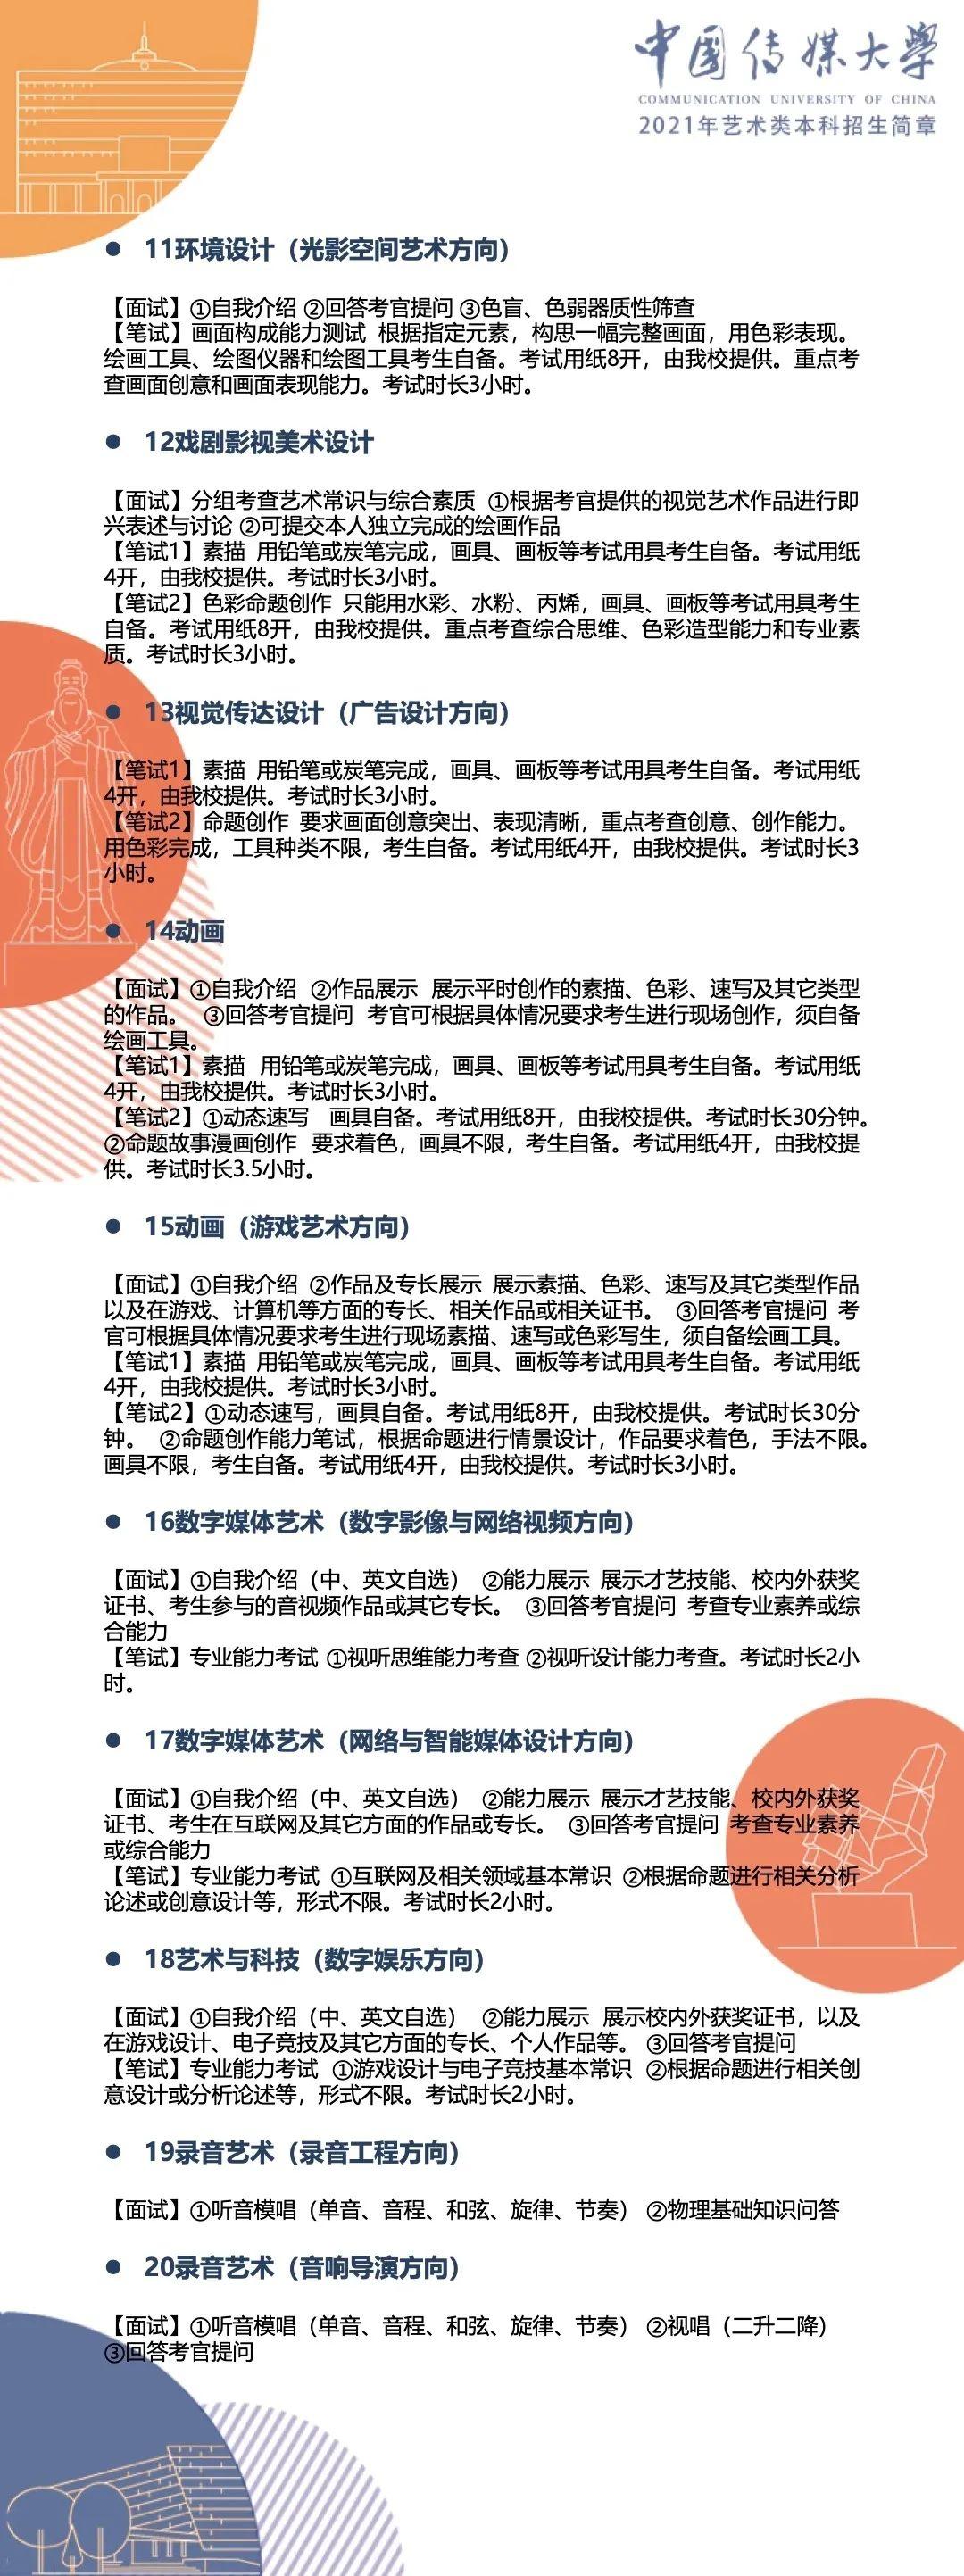 北京画室哪家好 中传升学率高的画室